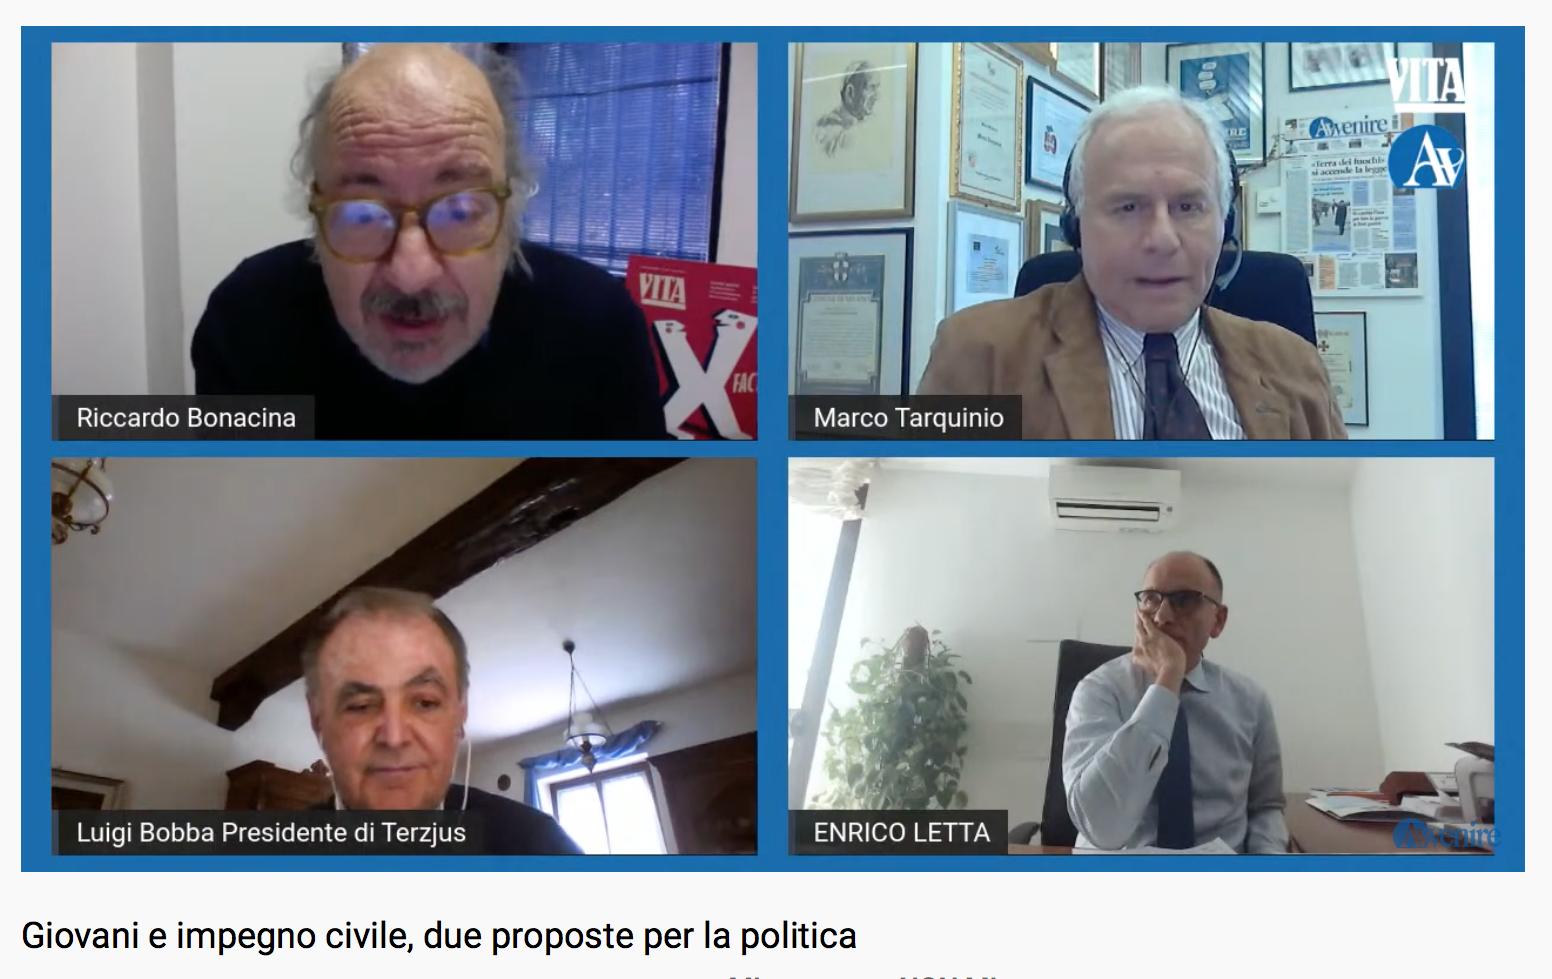 Video. Giovani e impegno civile, le proposte per la politica